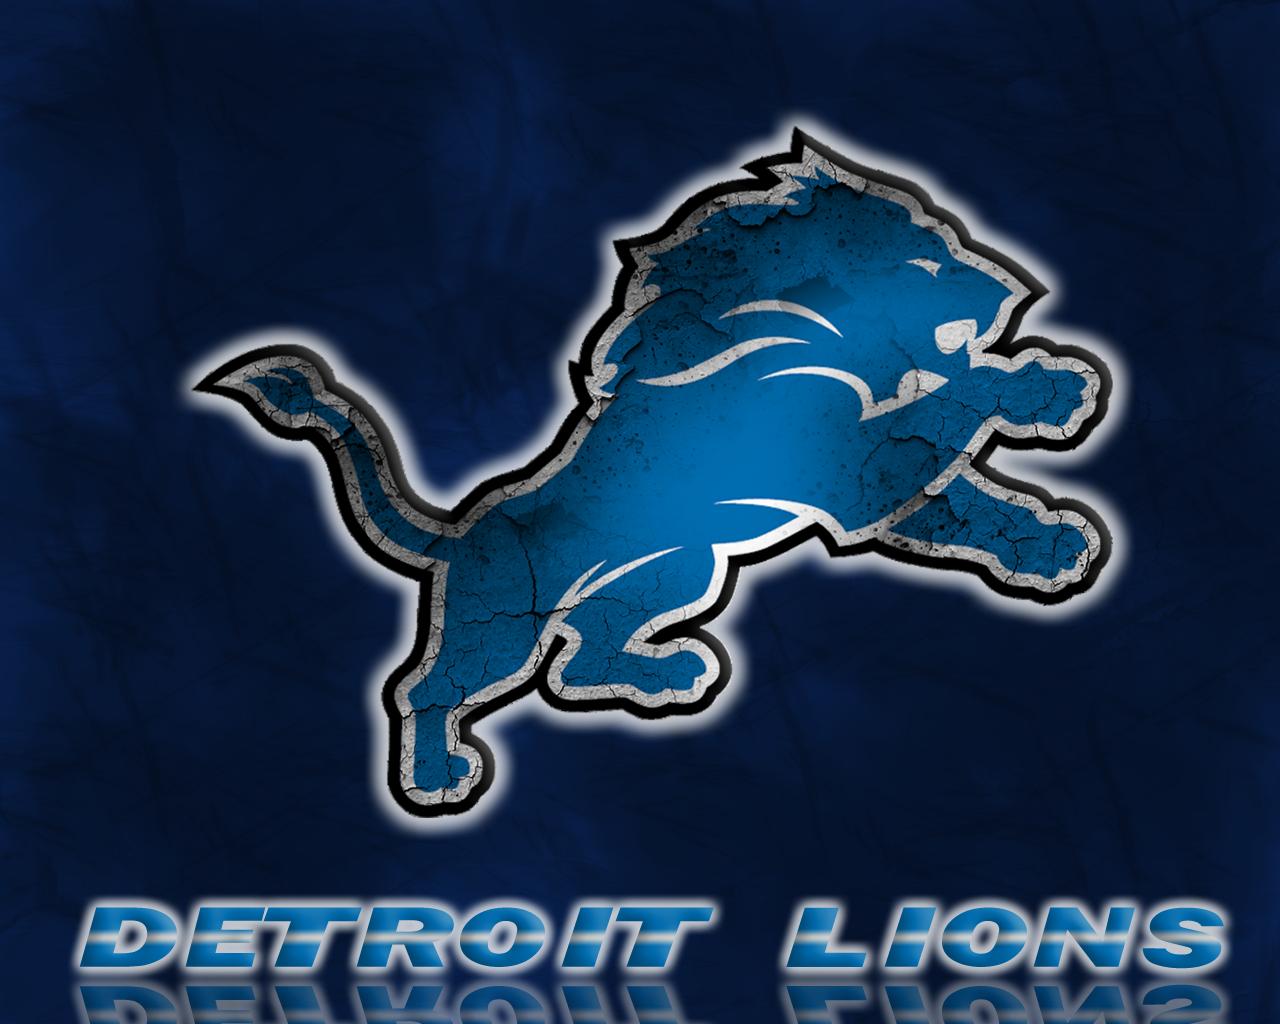 detroit lions - photo #23